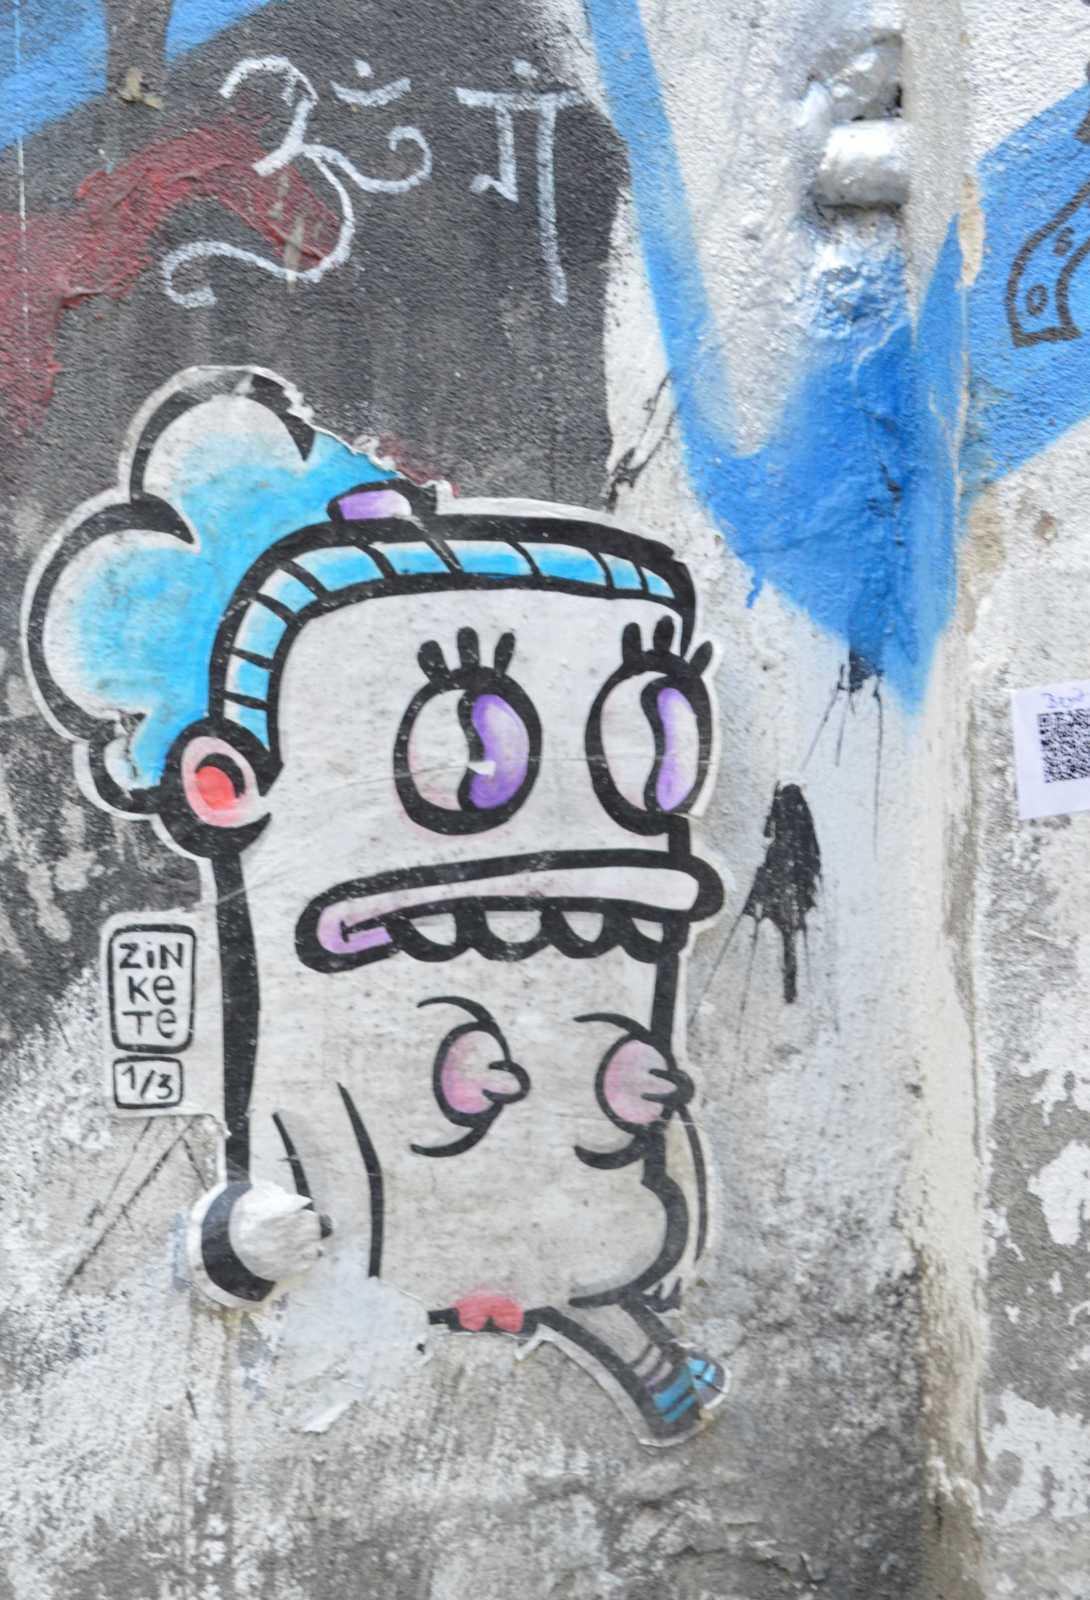 strassenkunst Berlin paste up Zinkete